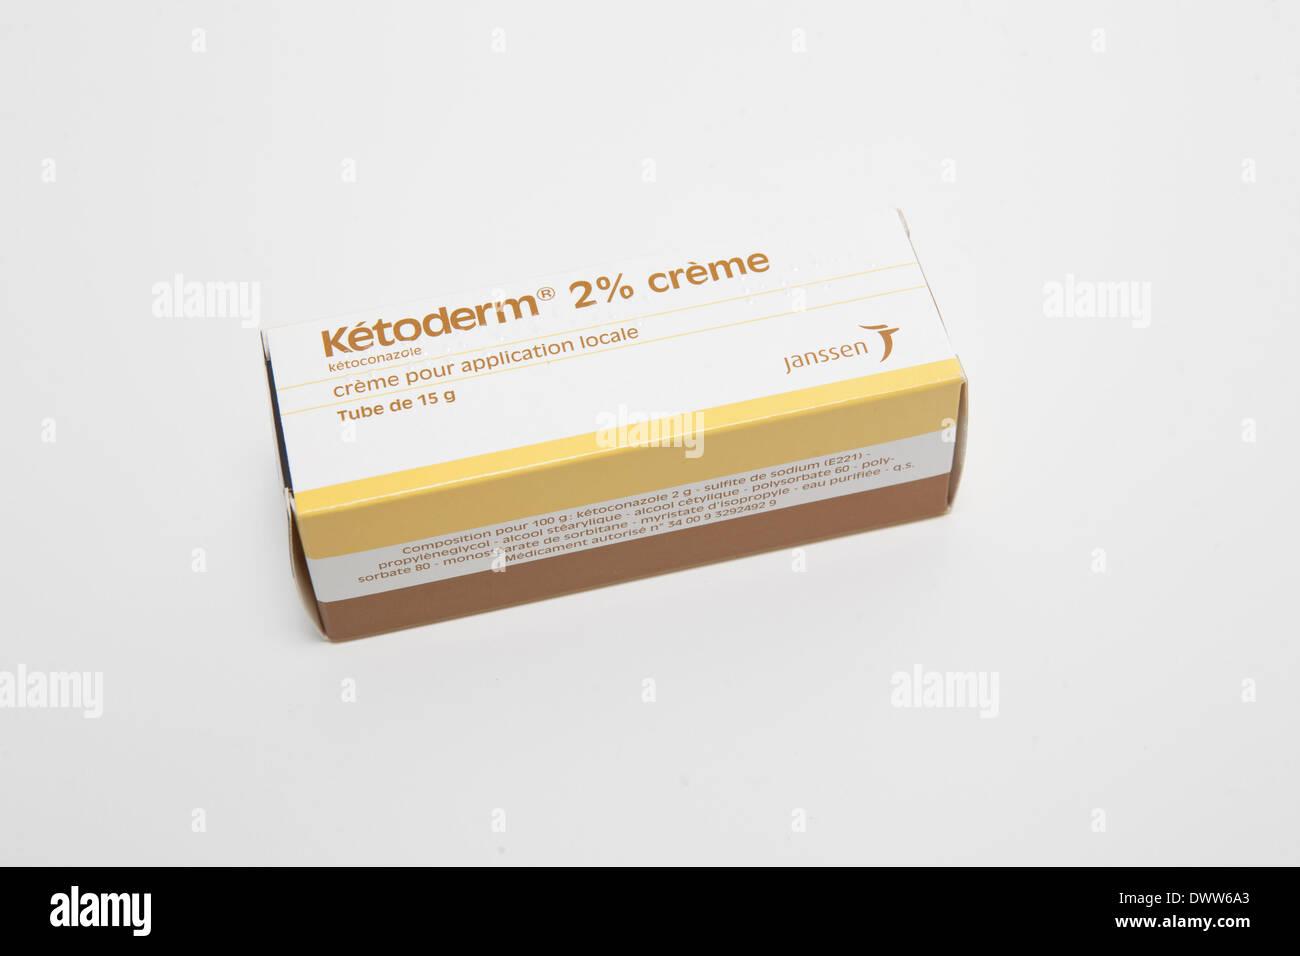 ketoconazole stock photos ketoconazole stock images alamy